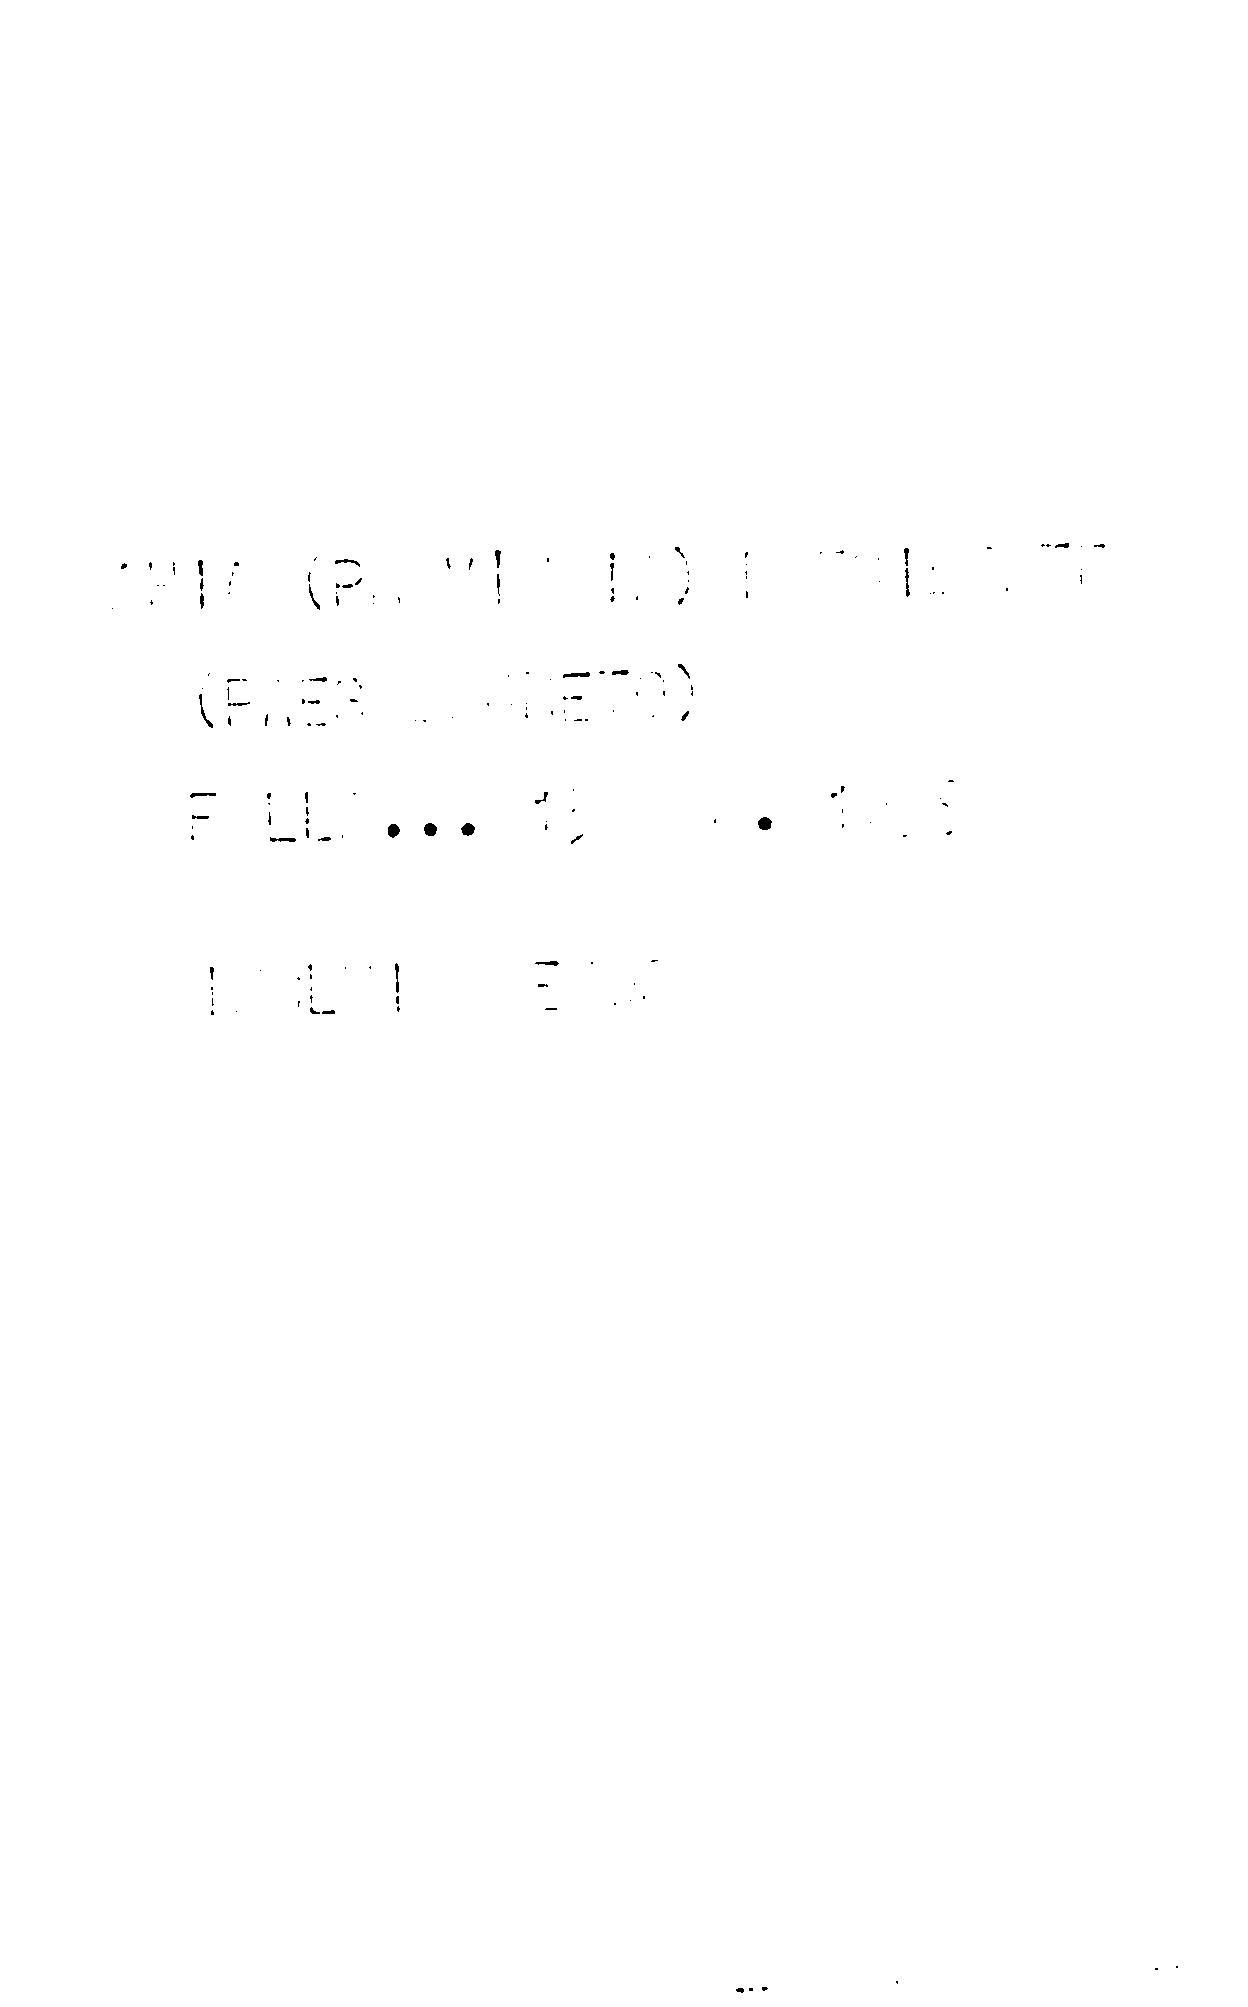 Bahia.Presidente da Província - Falla recitada na abertura da Assembléa Legislativa da Bahia pelo presidente da provincia, o doutor Francisco Xavier Paes Barreto em 15 de março de 1859.